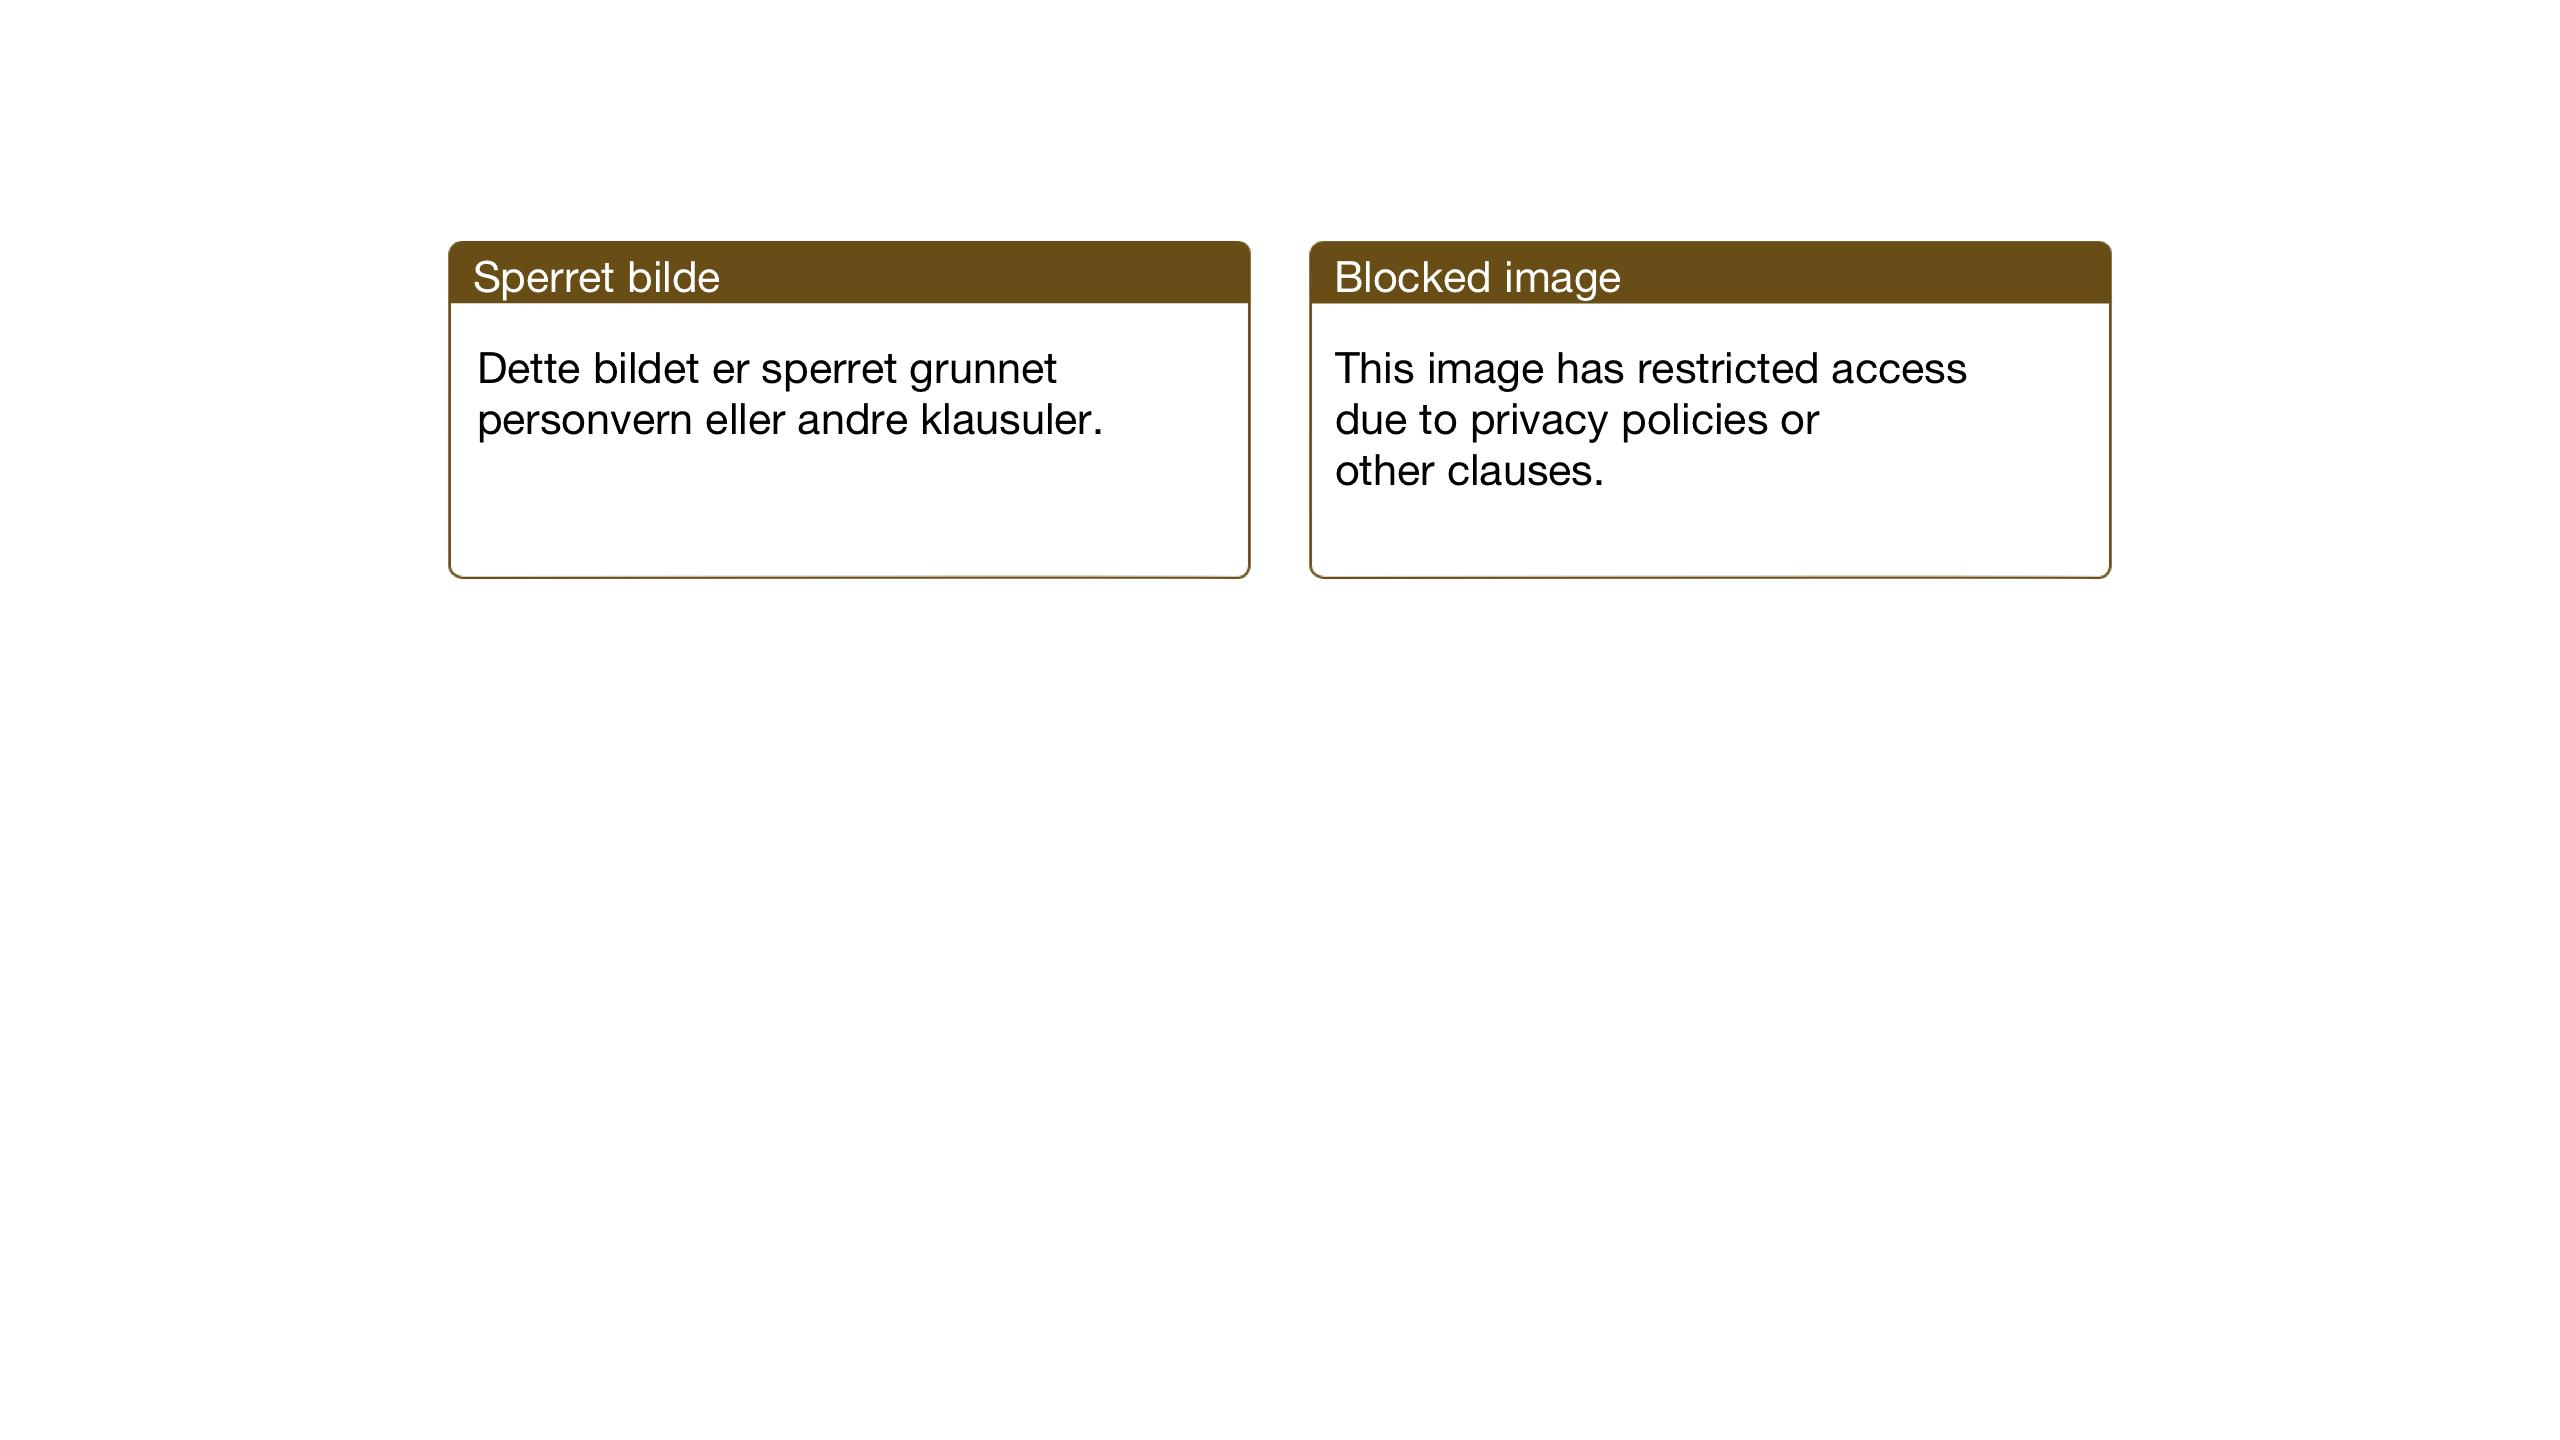 SAT, Ministerialprotokoller, klokkerbøker og fødselsregistre - Sør-Trøndelag, 659/L0747: Klokkerbok nr. 659C04, 1913-1938, s. 141